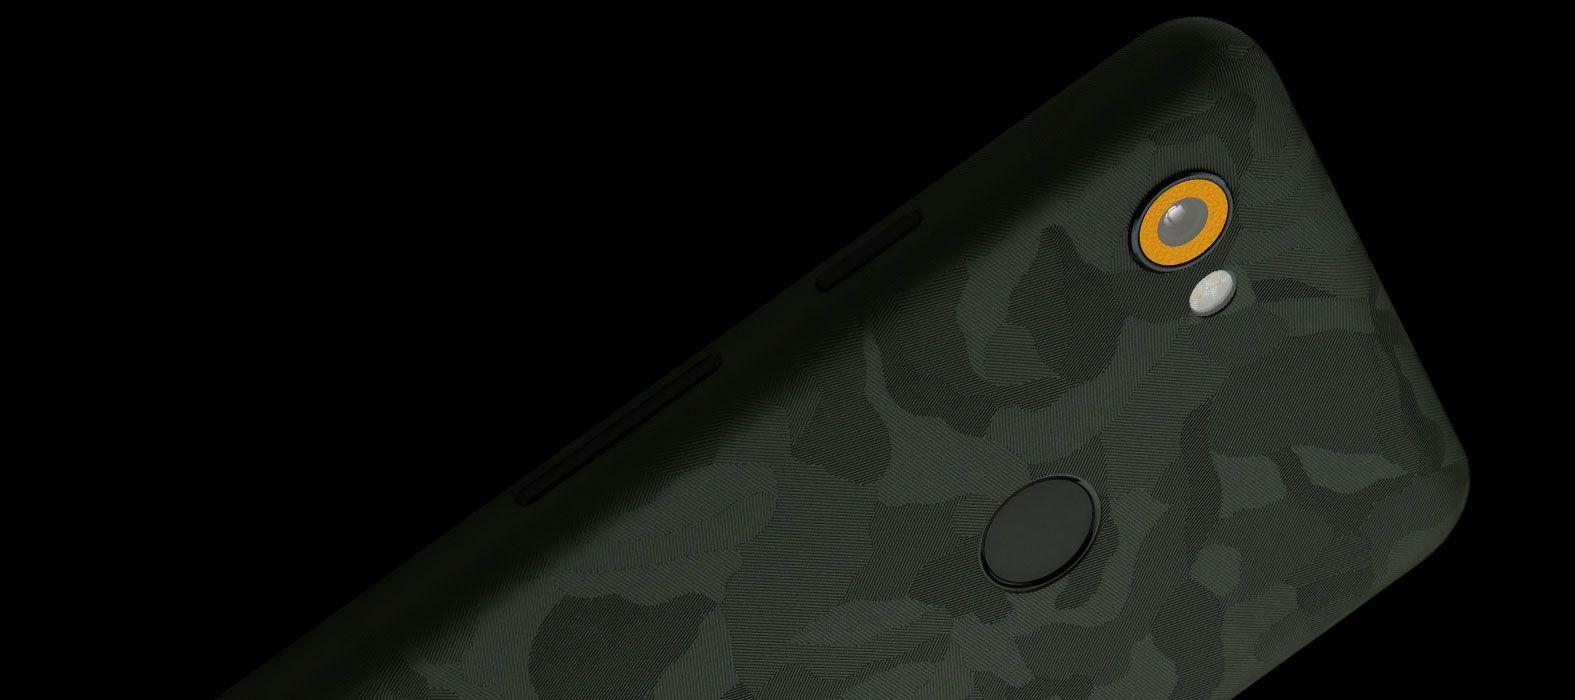 Pixel-3A_Green-Camo_Skins